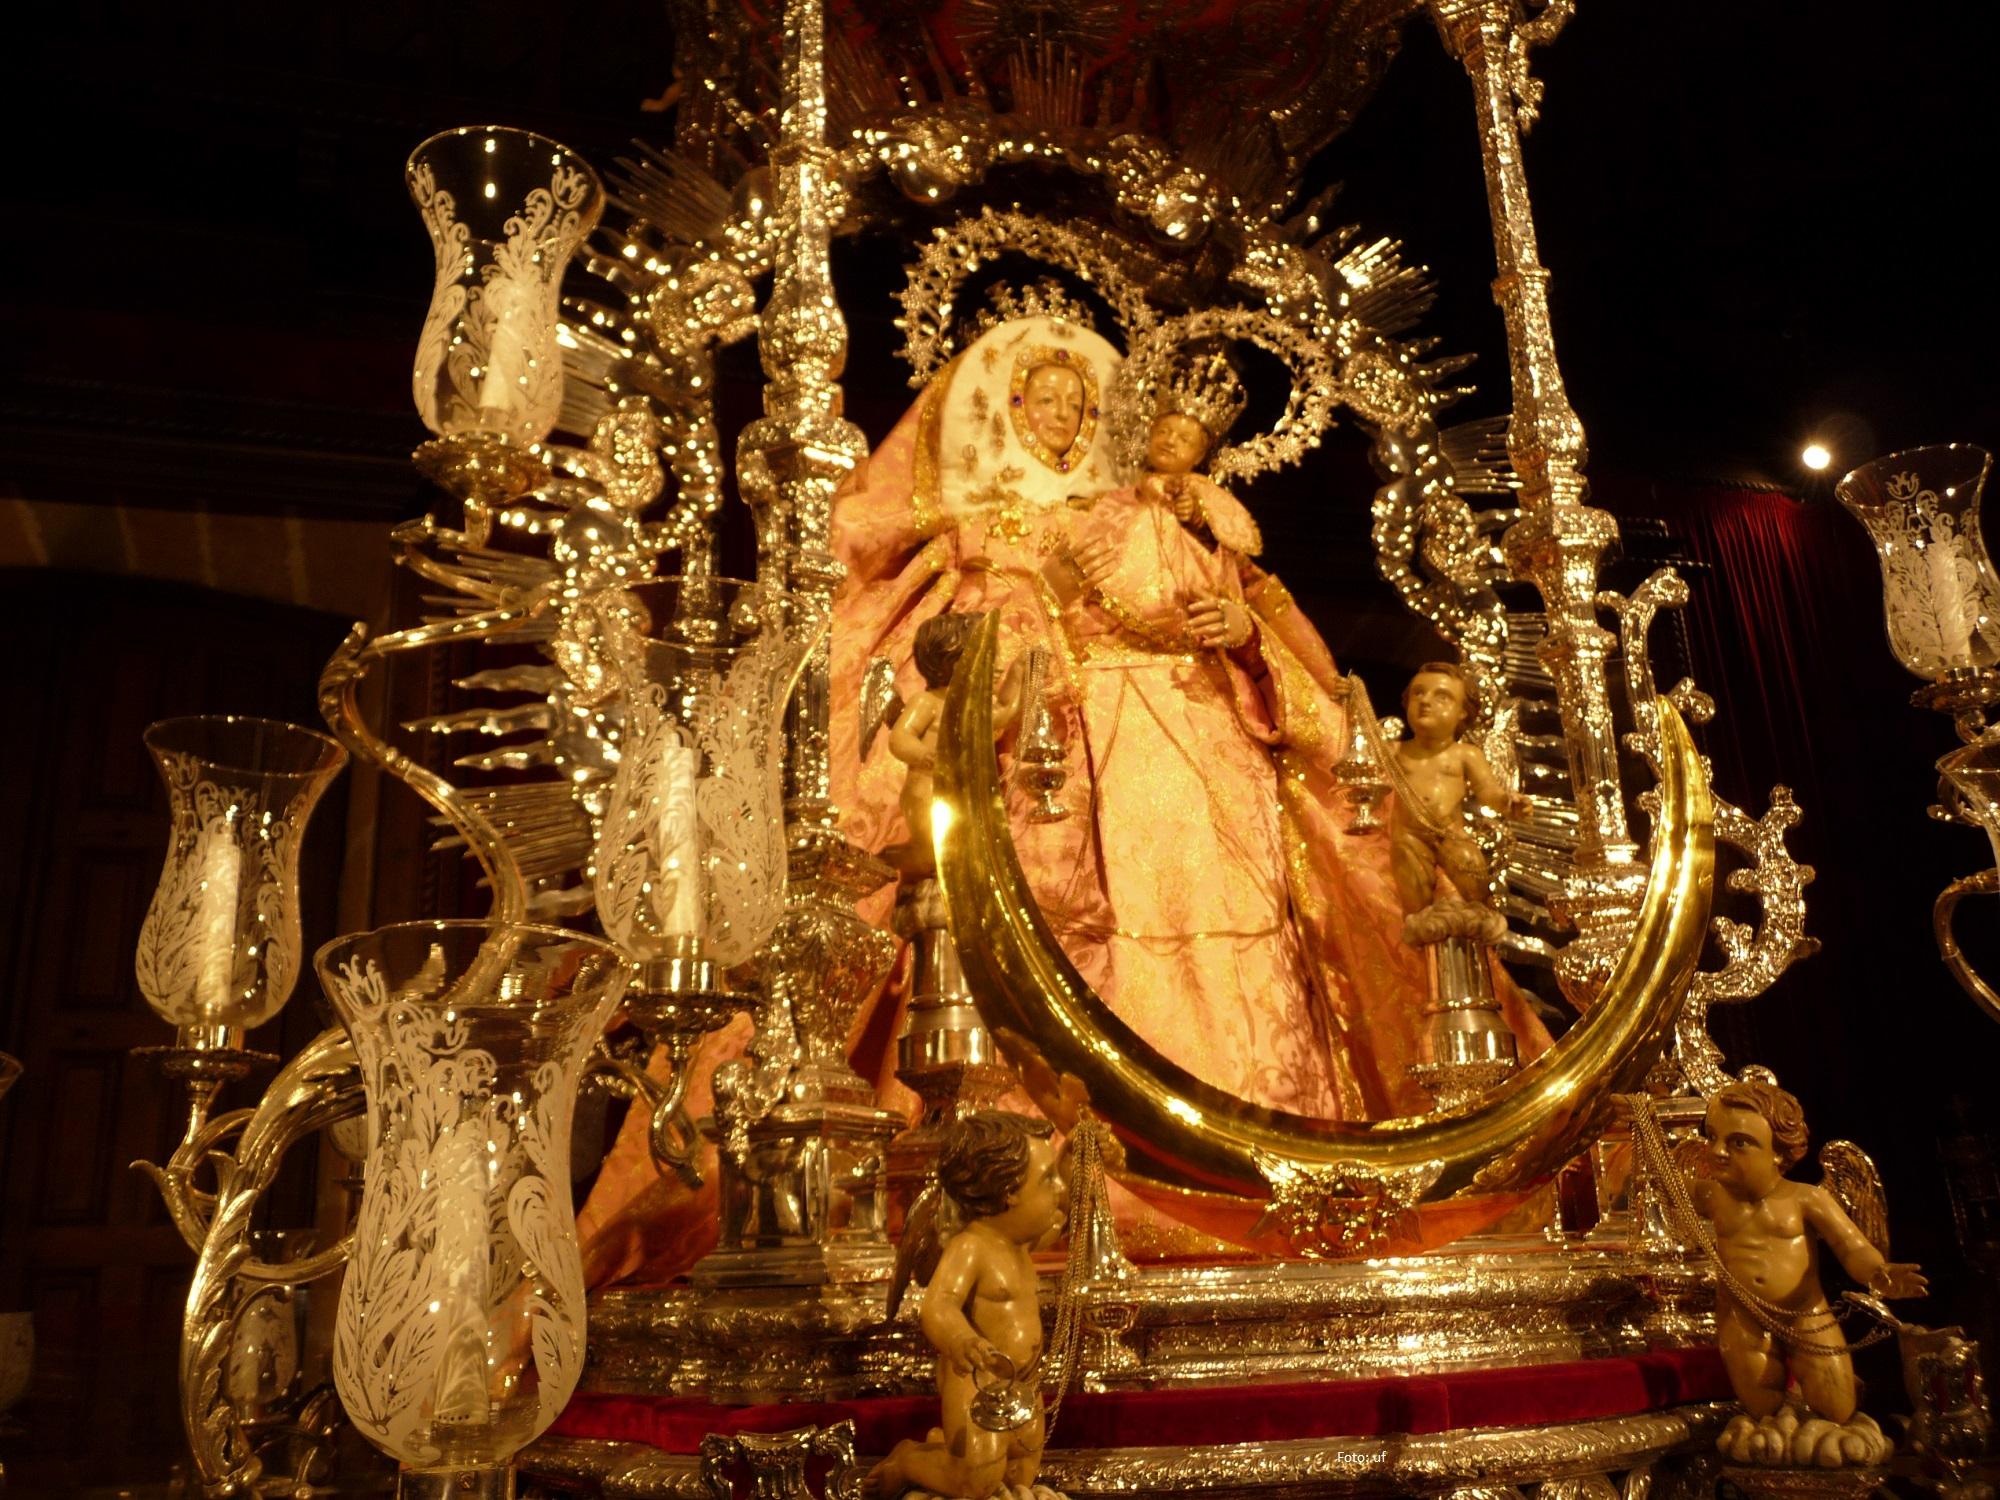 In der Basilica de Nuestra Senora del Pino die überreich geschmückte Statue der Jungfrau Maria